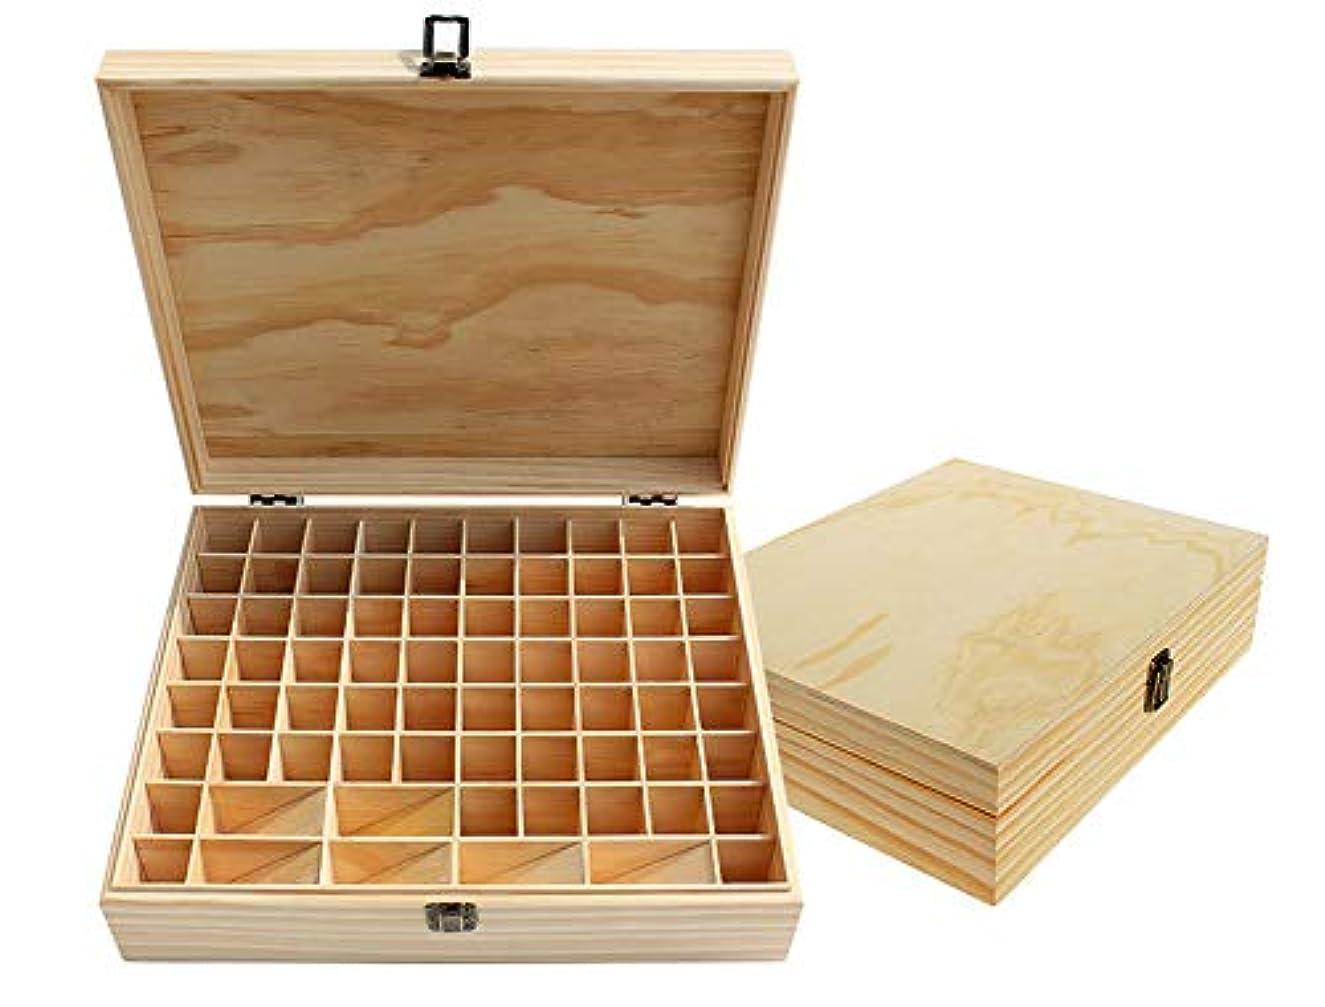 エッセンシャルオイル収納ボックス 74本用 木製エッセンシャルオイルボックス メイクポーチ 精油収納ケース 携帯用 自然ウッド精油収納ボックス 香水収納ケース